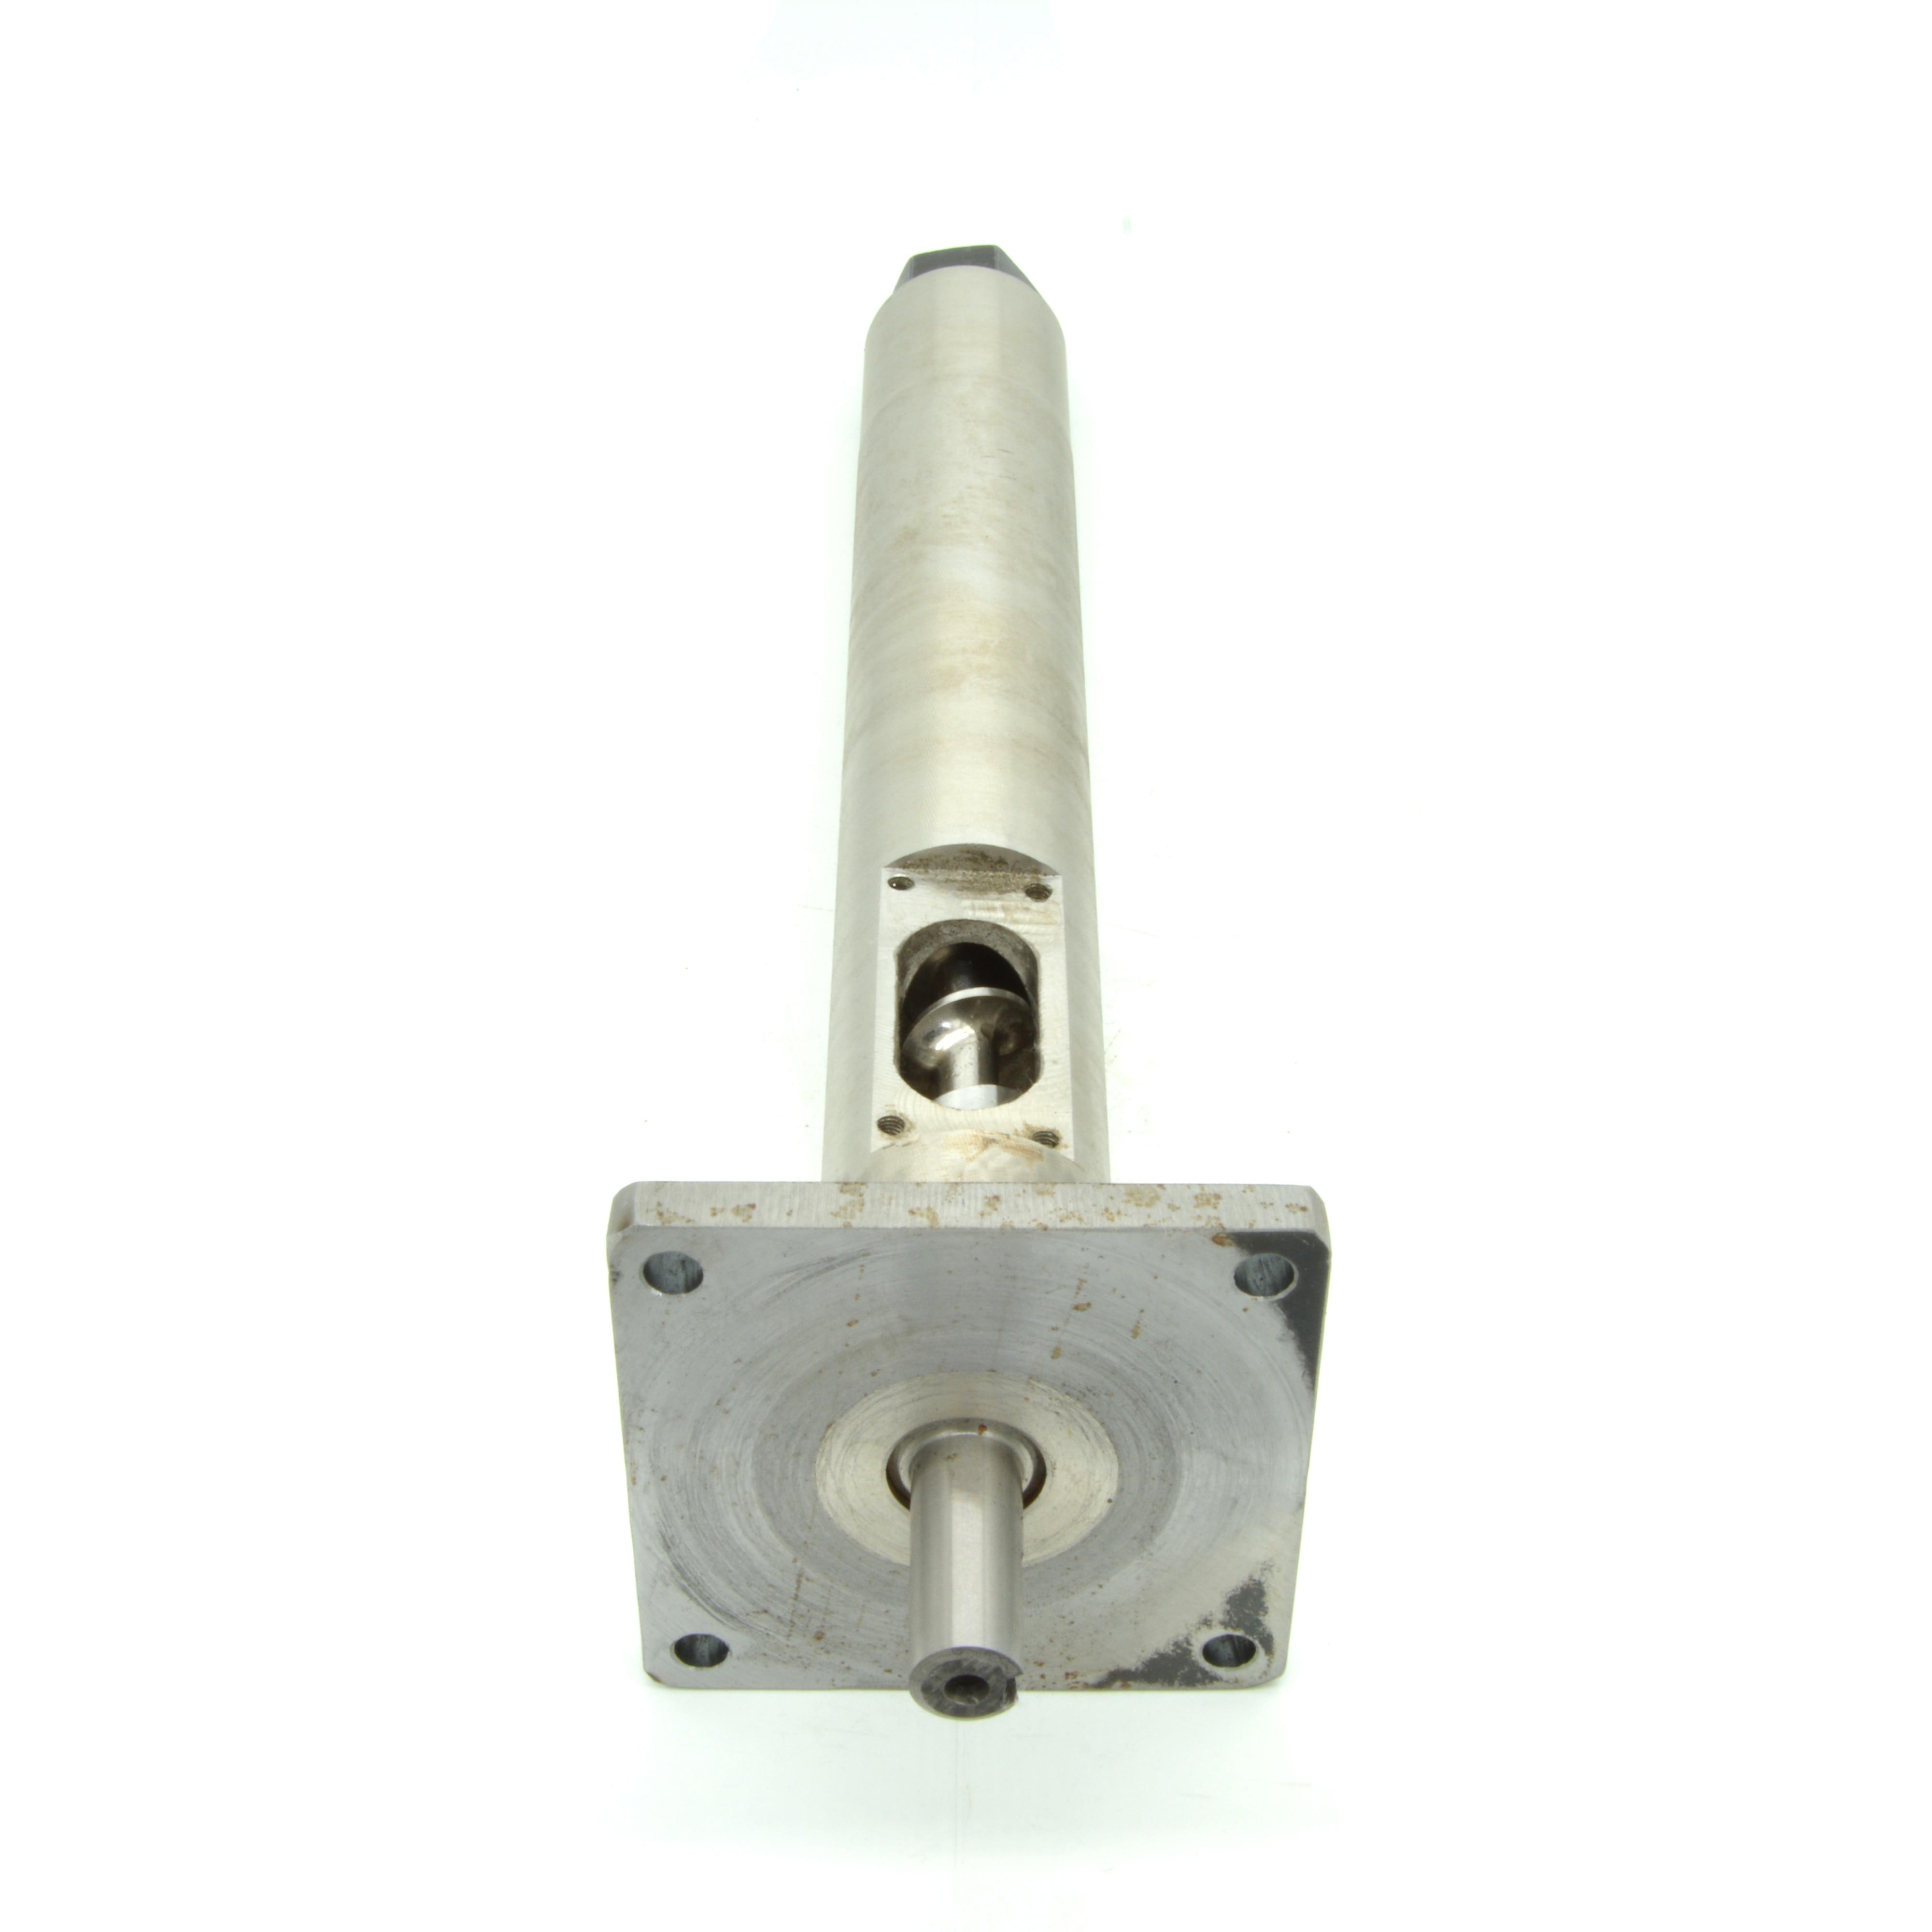 home improvement : Jugetek 1 75 3mm Nozzle 20mm Diameter Extruder Screw and Barrel